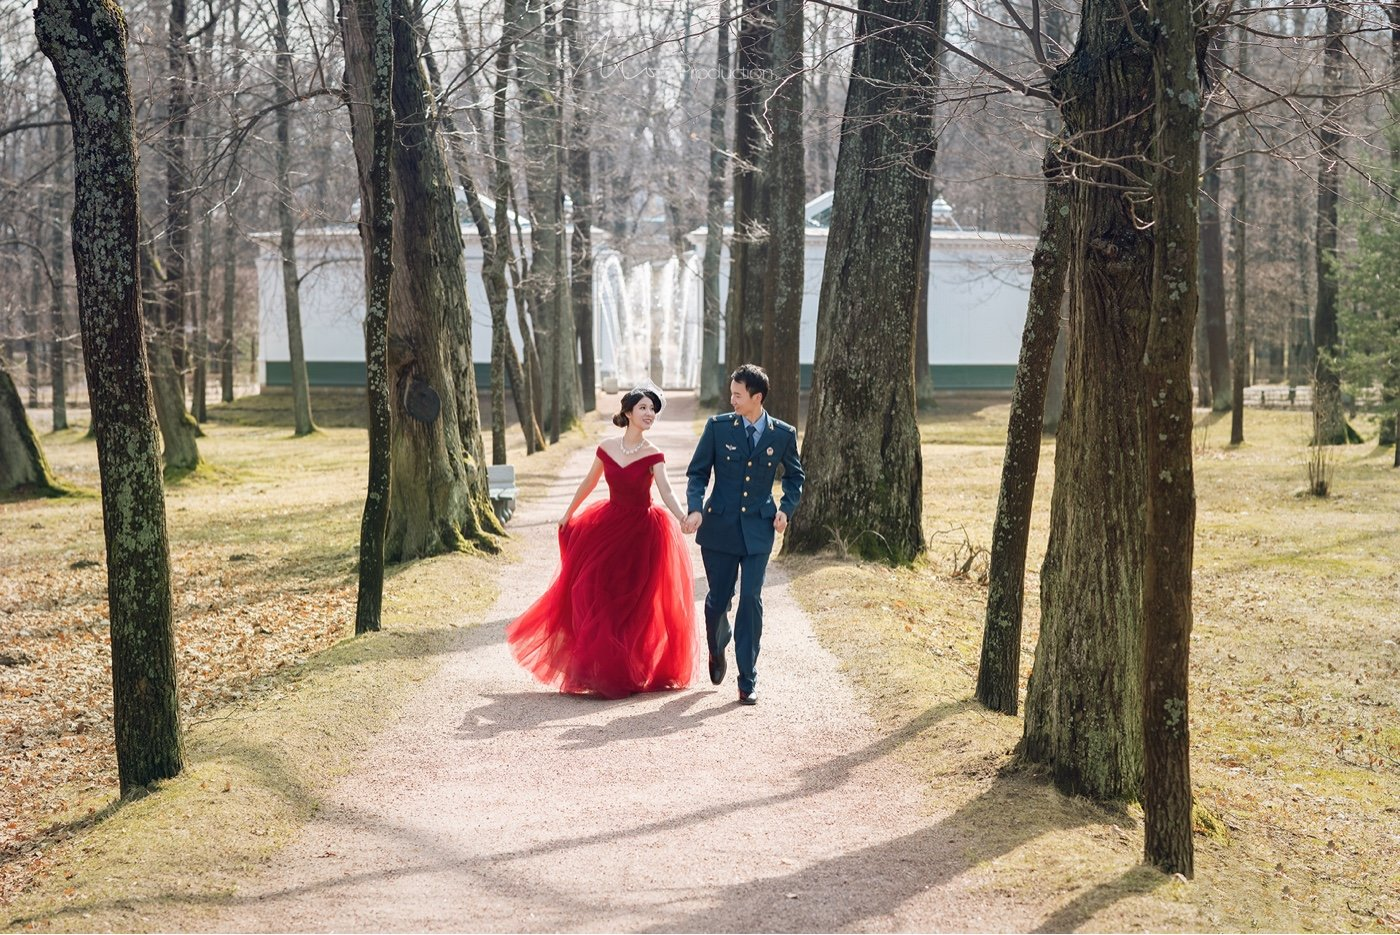 MoFoTo | 婚纱旅拍  圣彼得堡10